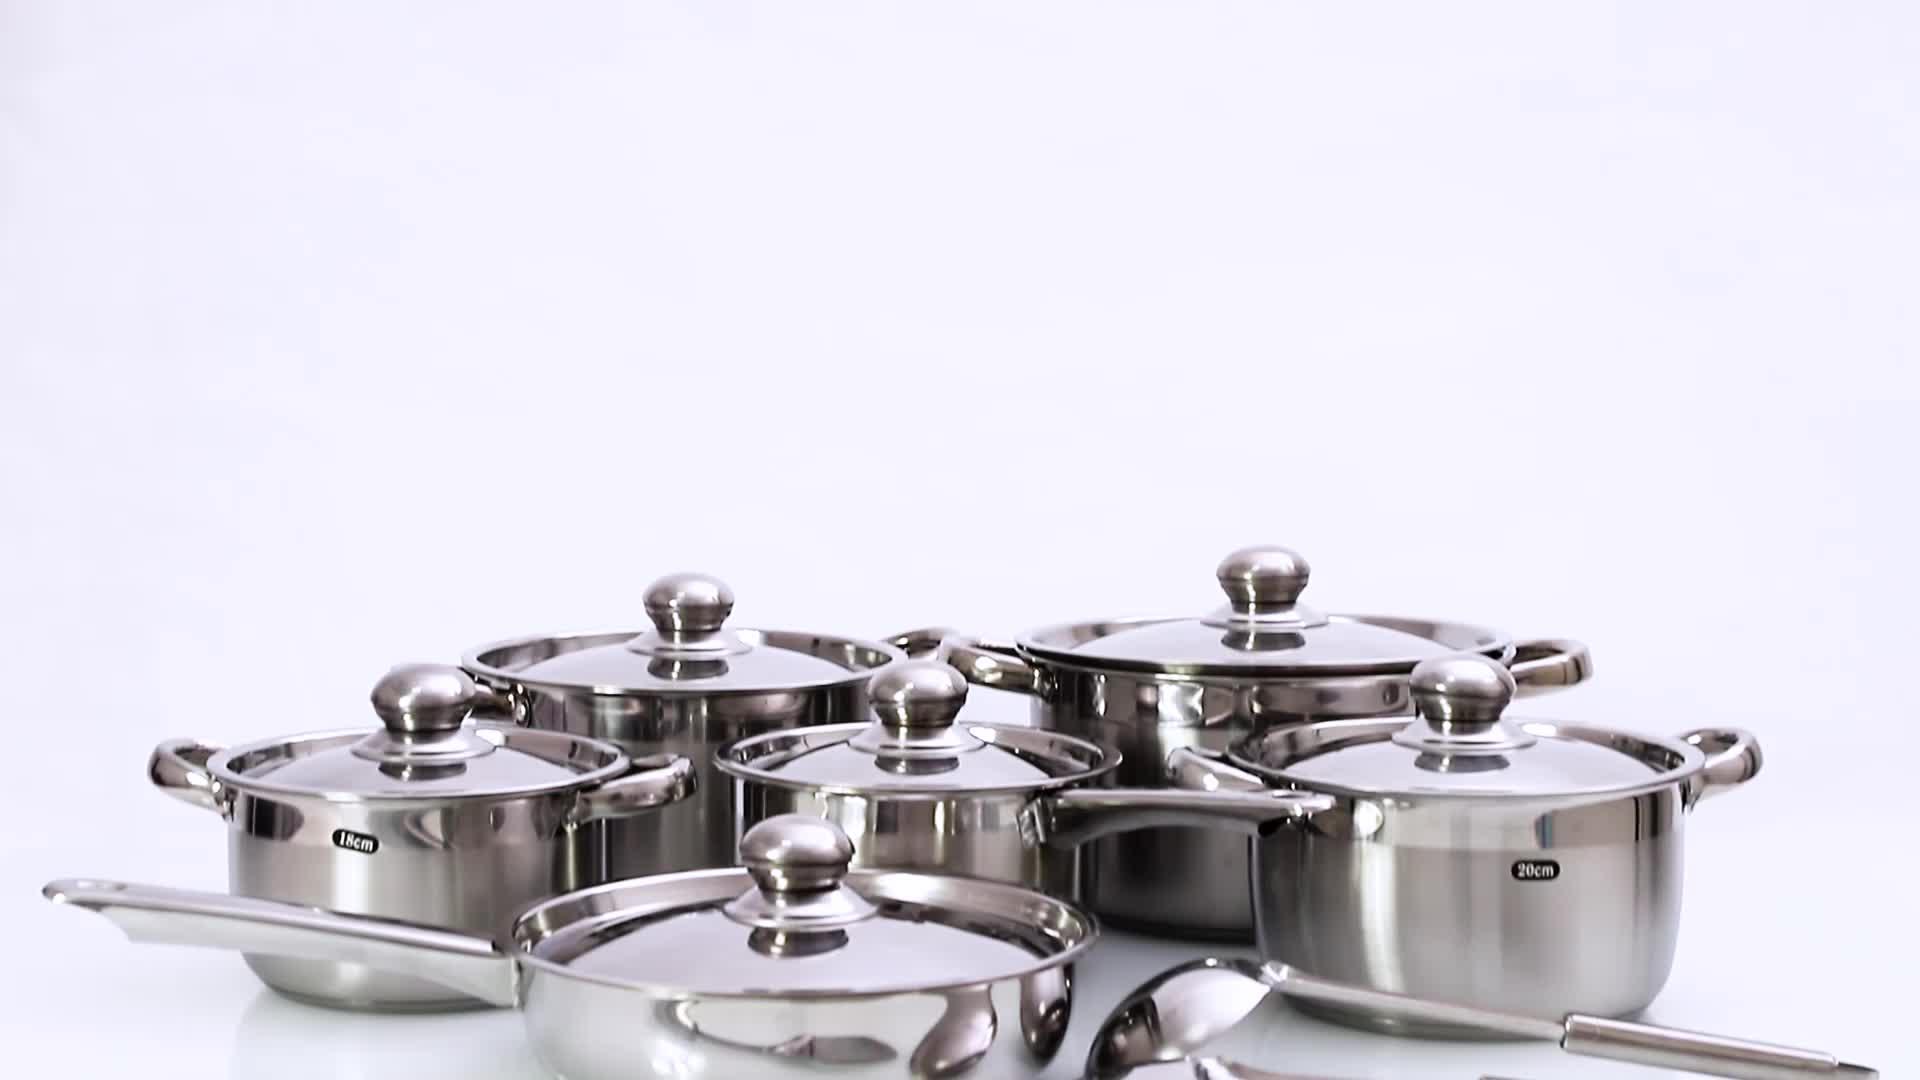 מטבח כמוסה תחתון סירים פאן 12 pcs נירוסטה כלי בישול סט עם מכסים